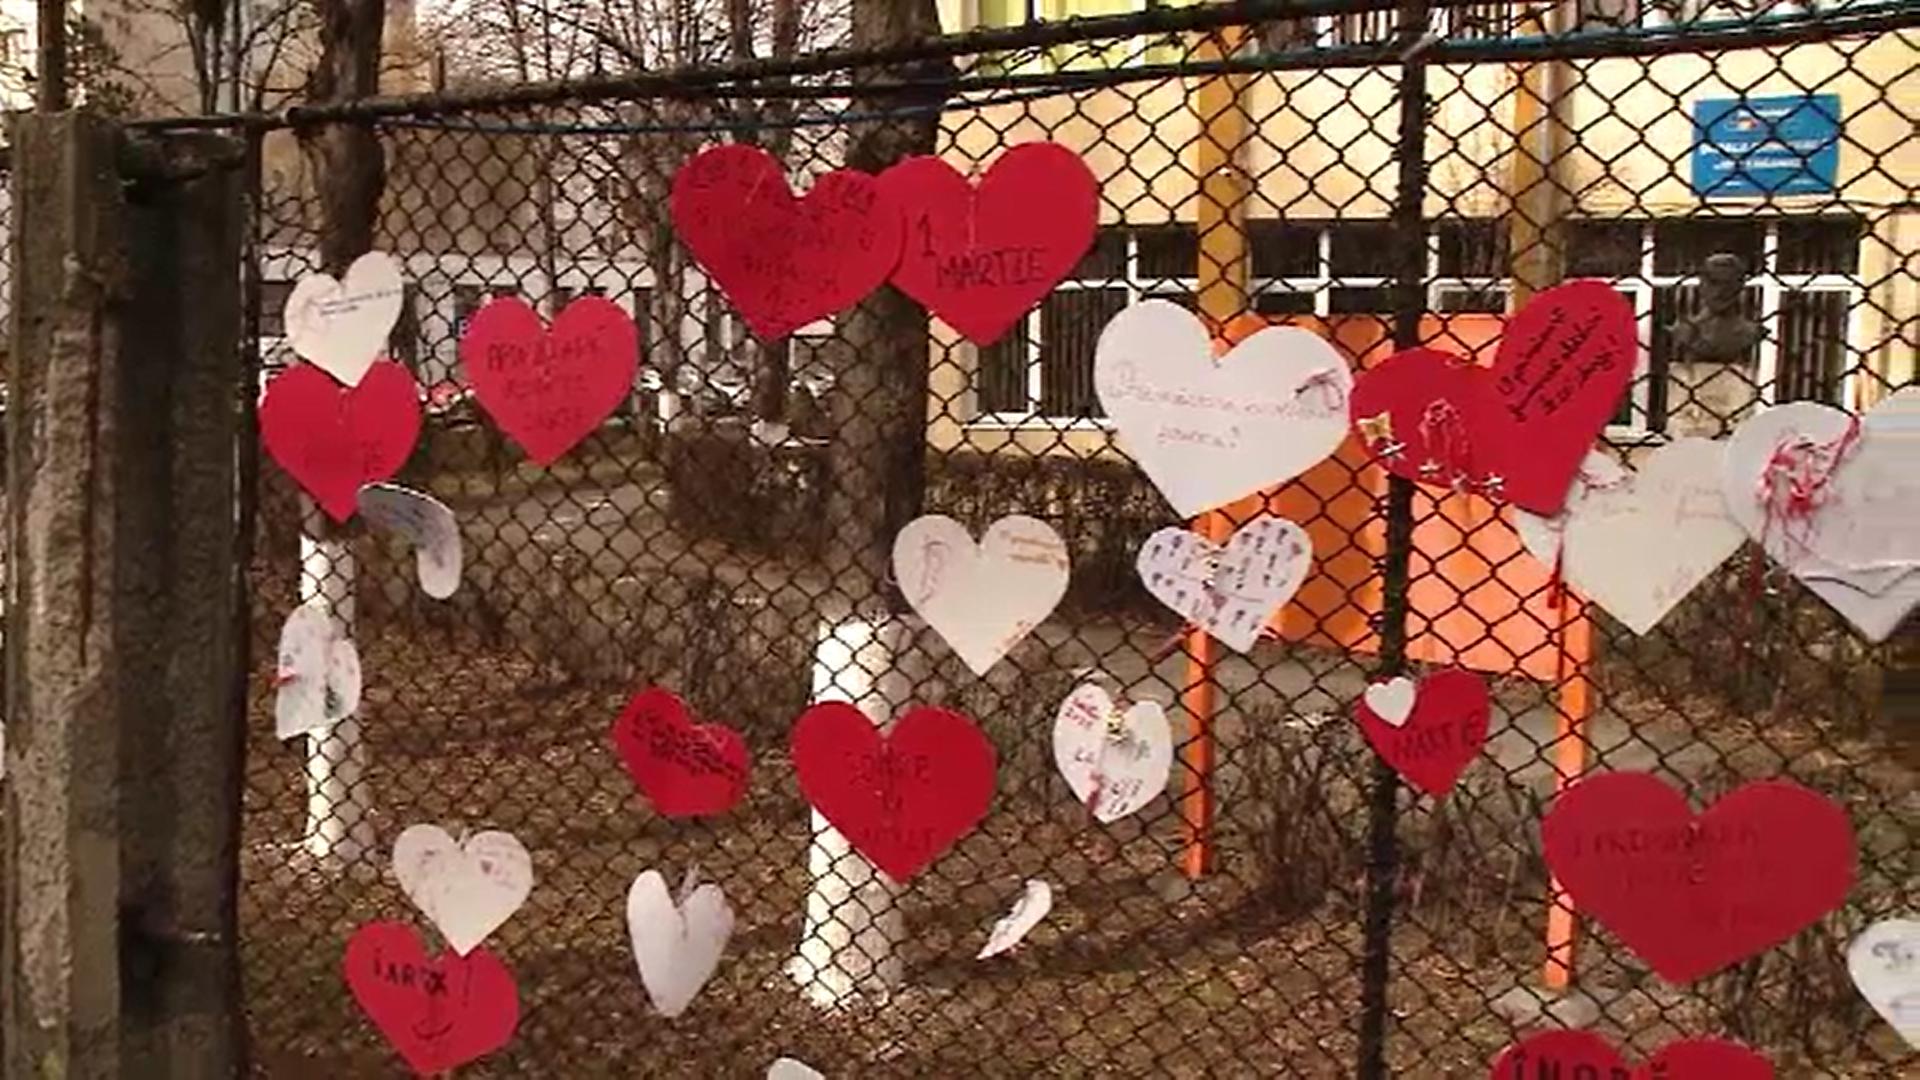 Mai mulți elevi din Cluj au împânzit gardurile școlii cu zeci de mărțișoare în formă de inimă